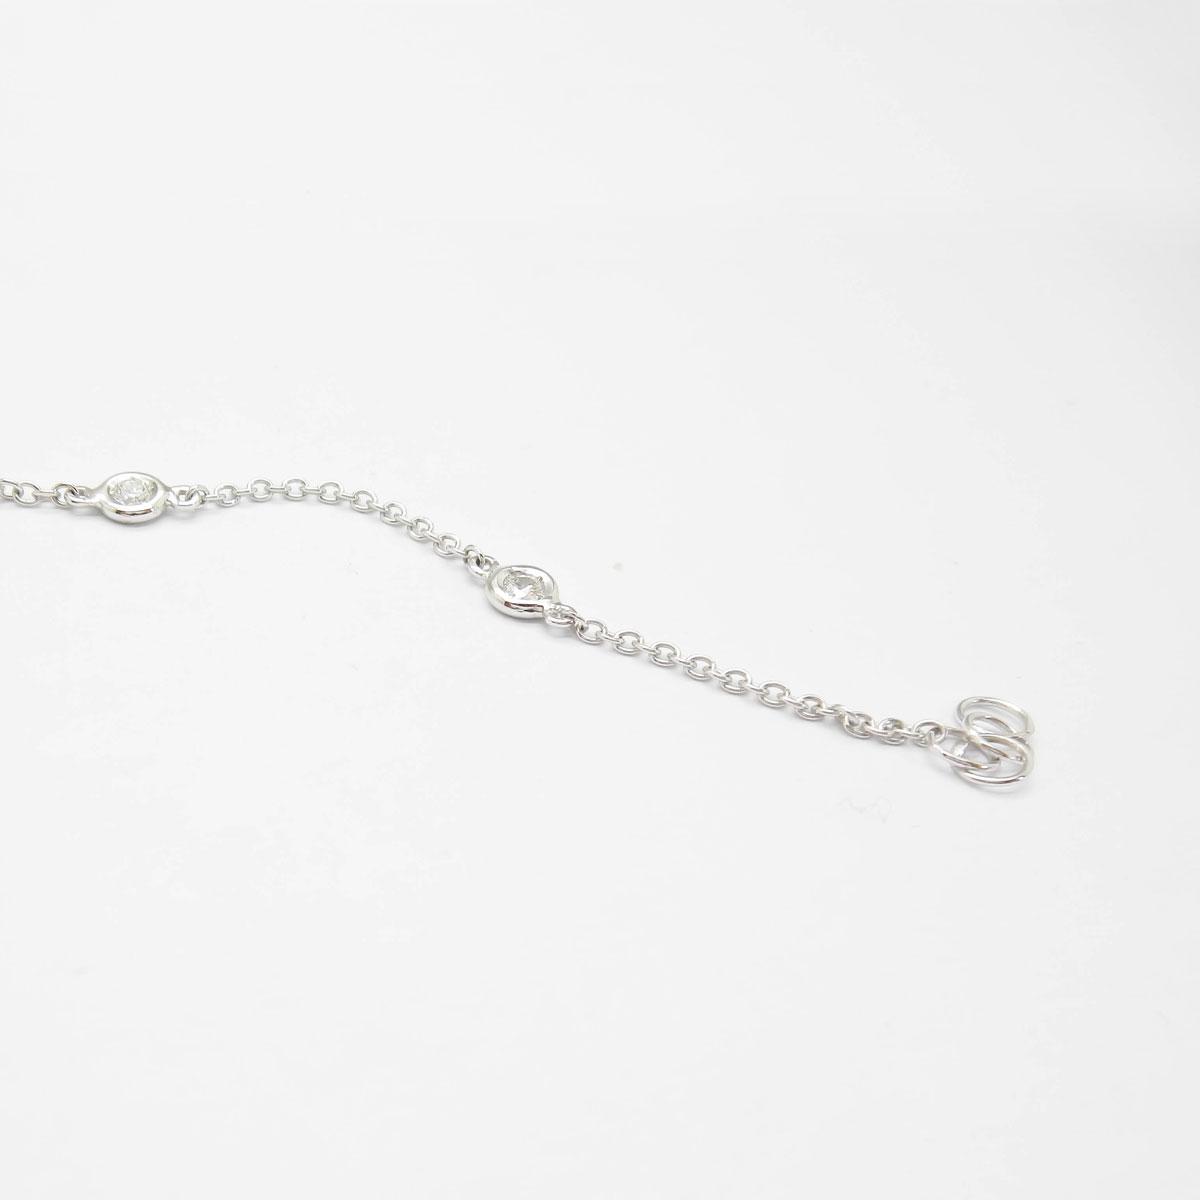 il-marchese-diamonds-diamanti-gioielli-artigianali-bracciale-maglia-oro-bianco-brillanti-2